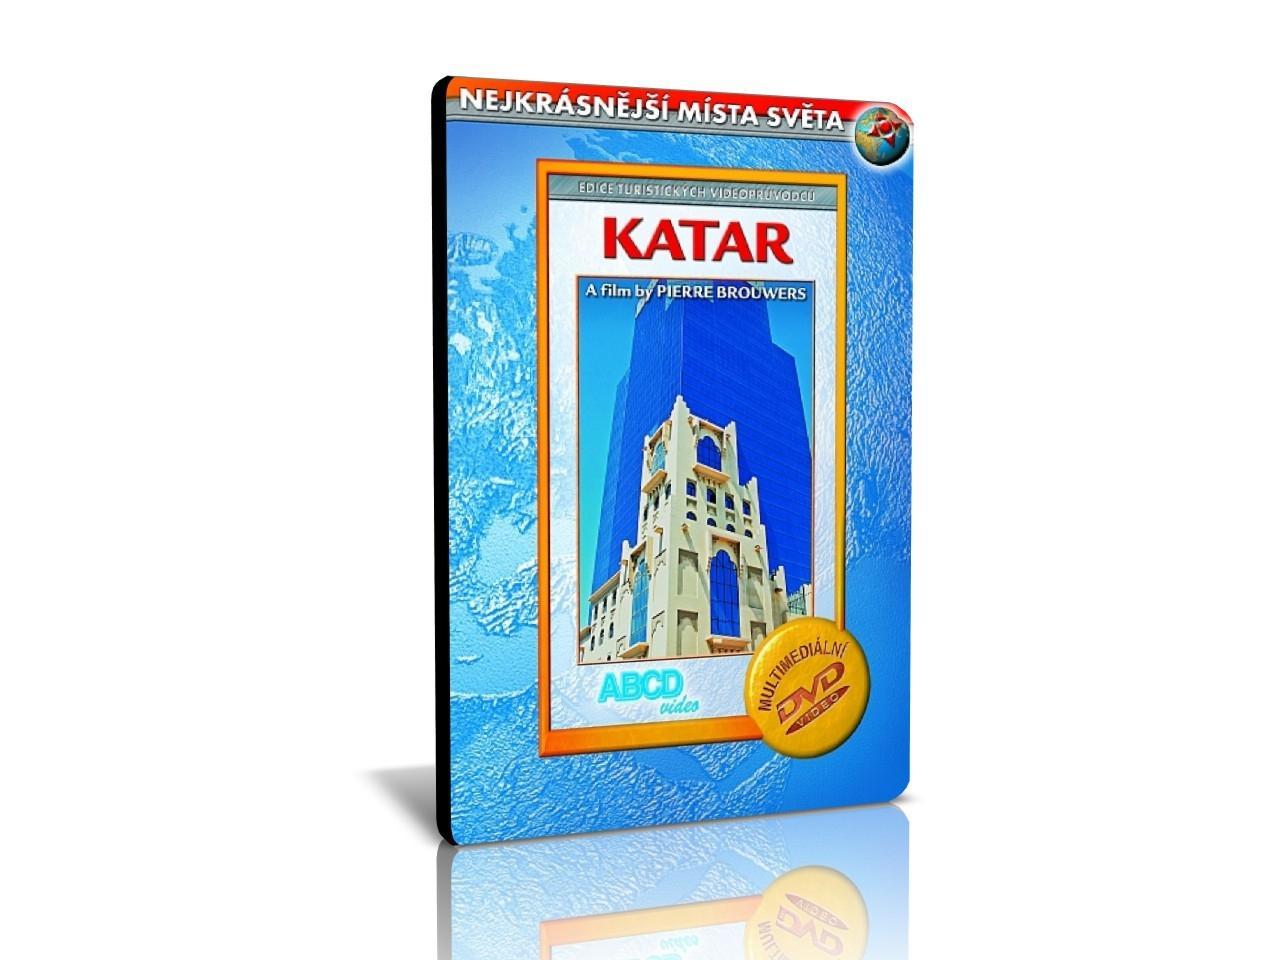 NEJKRÁSNĚJŠÍ MÍSTA SVĚTA: Katar (MM DVD) | CHAT on-line podpora PO-PÁ 8-22.00!!